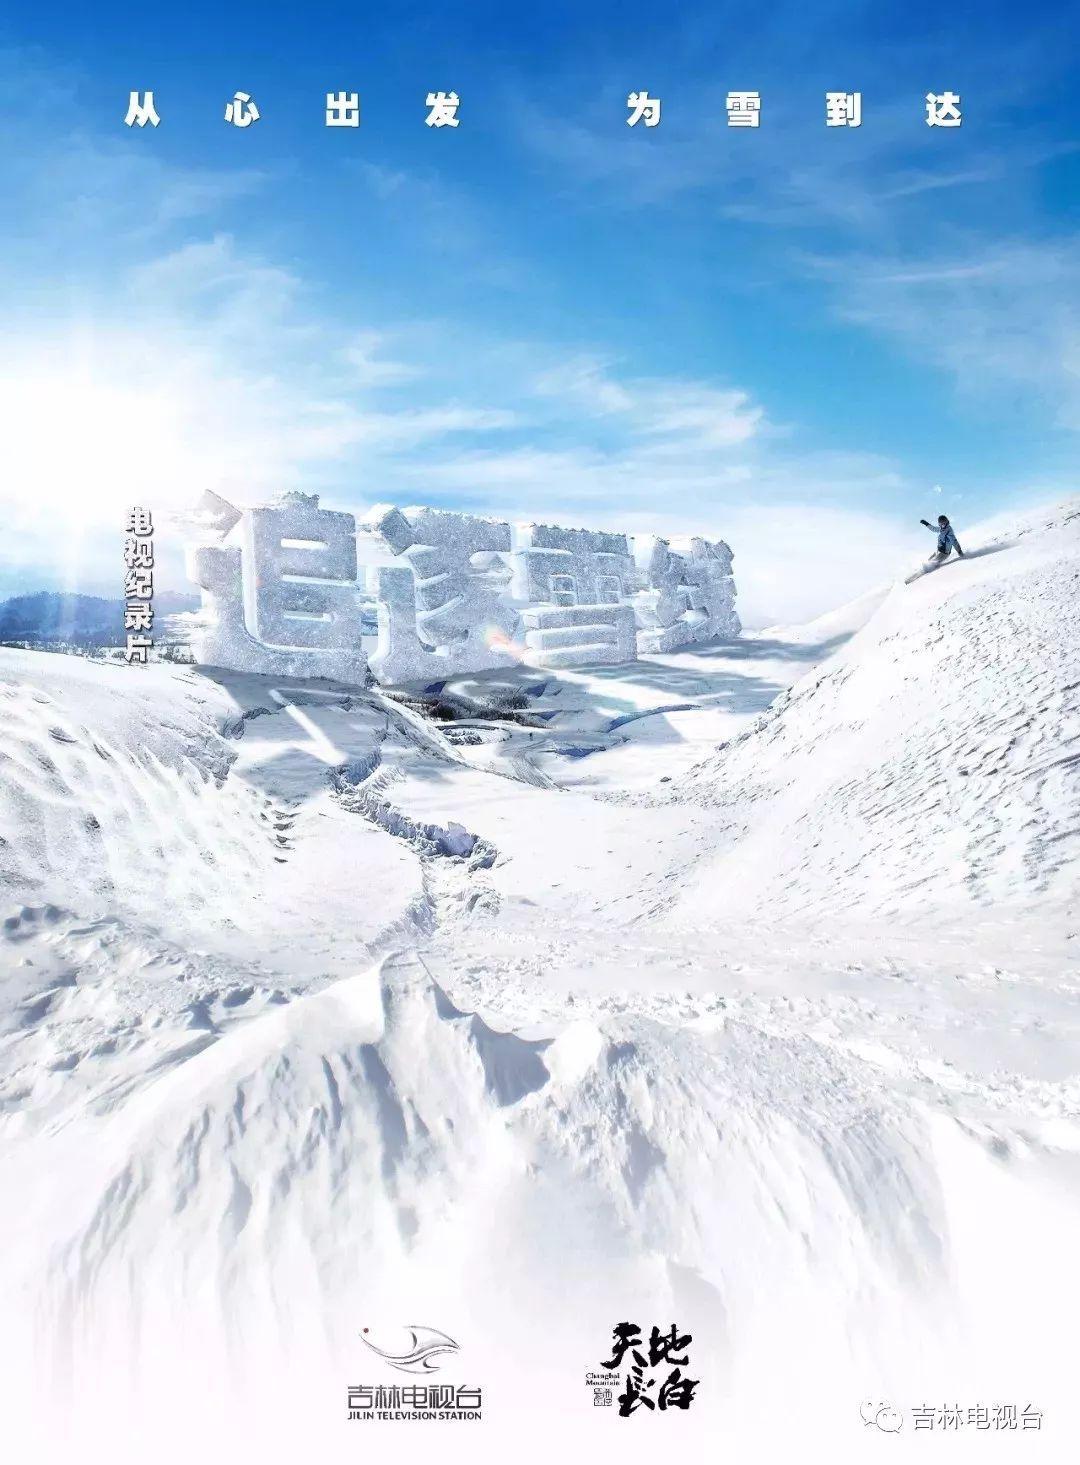 《追逐雪线》